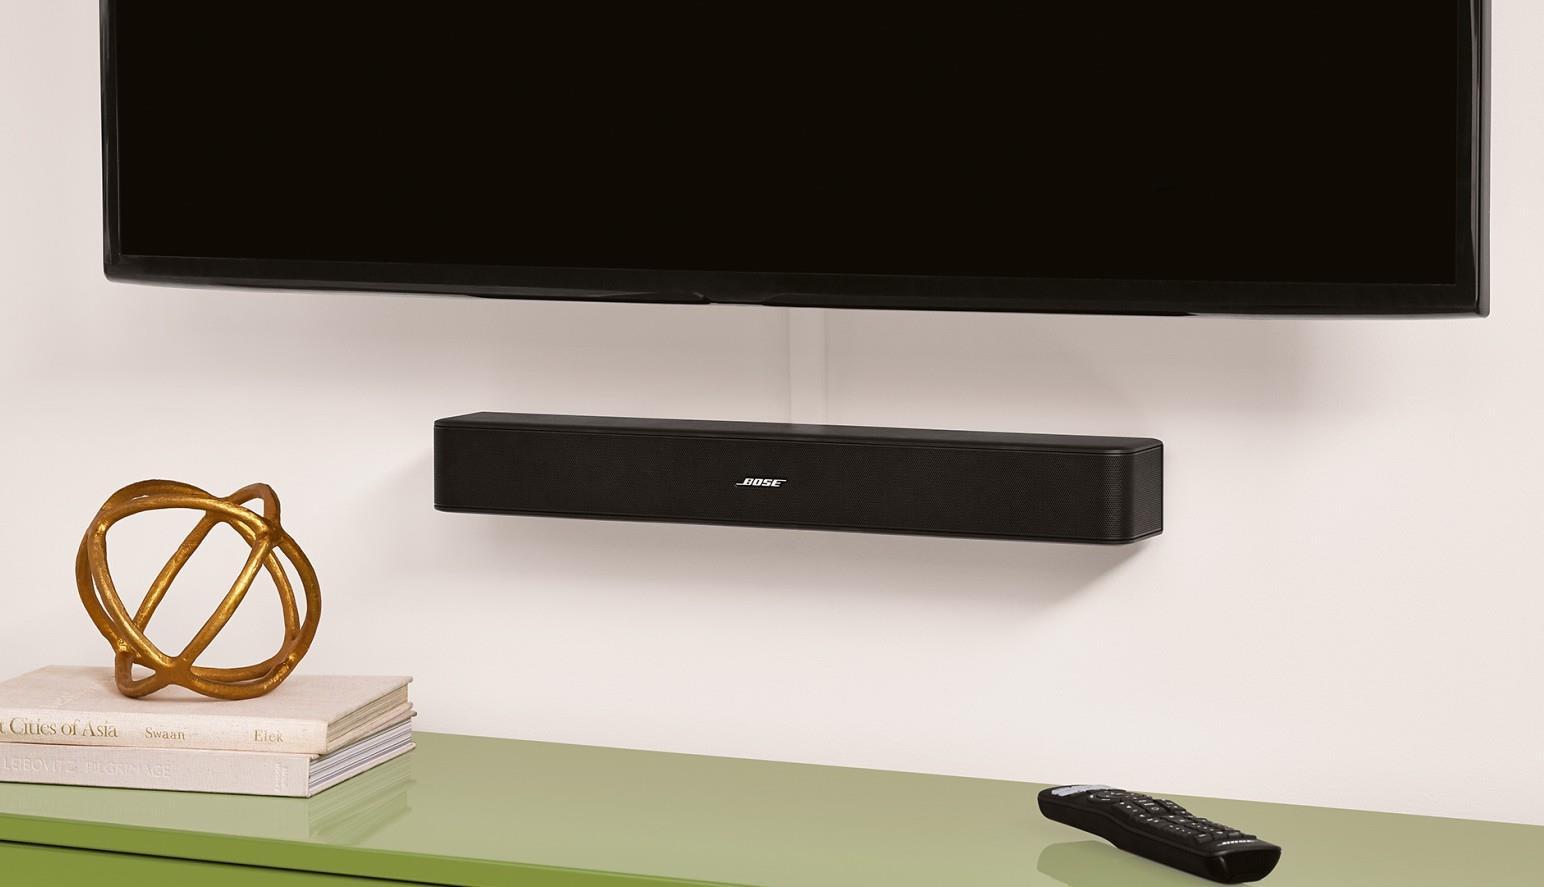 enceinte tv d couvrez la toute nouvelle bose solo 5 conseils d 39 experts fnac. Black Bedroom Furniture Sets. Home Design Ideas